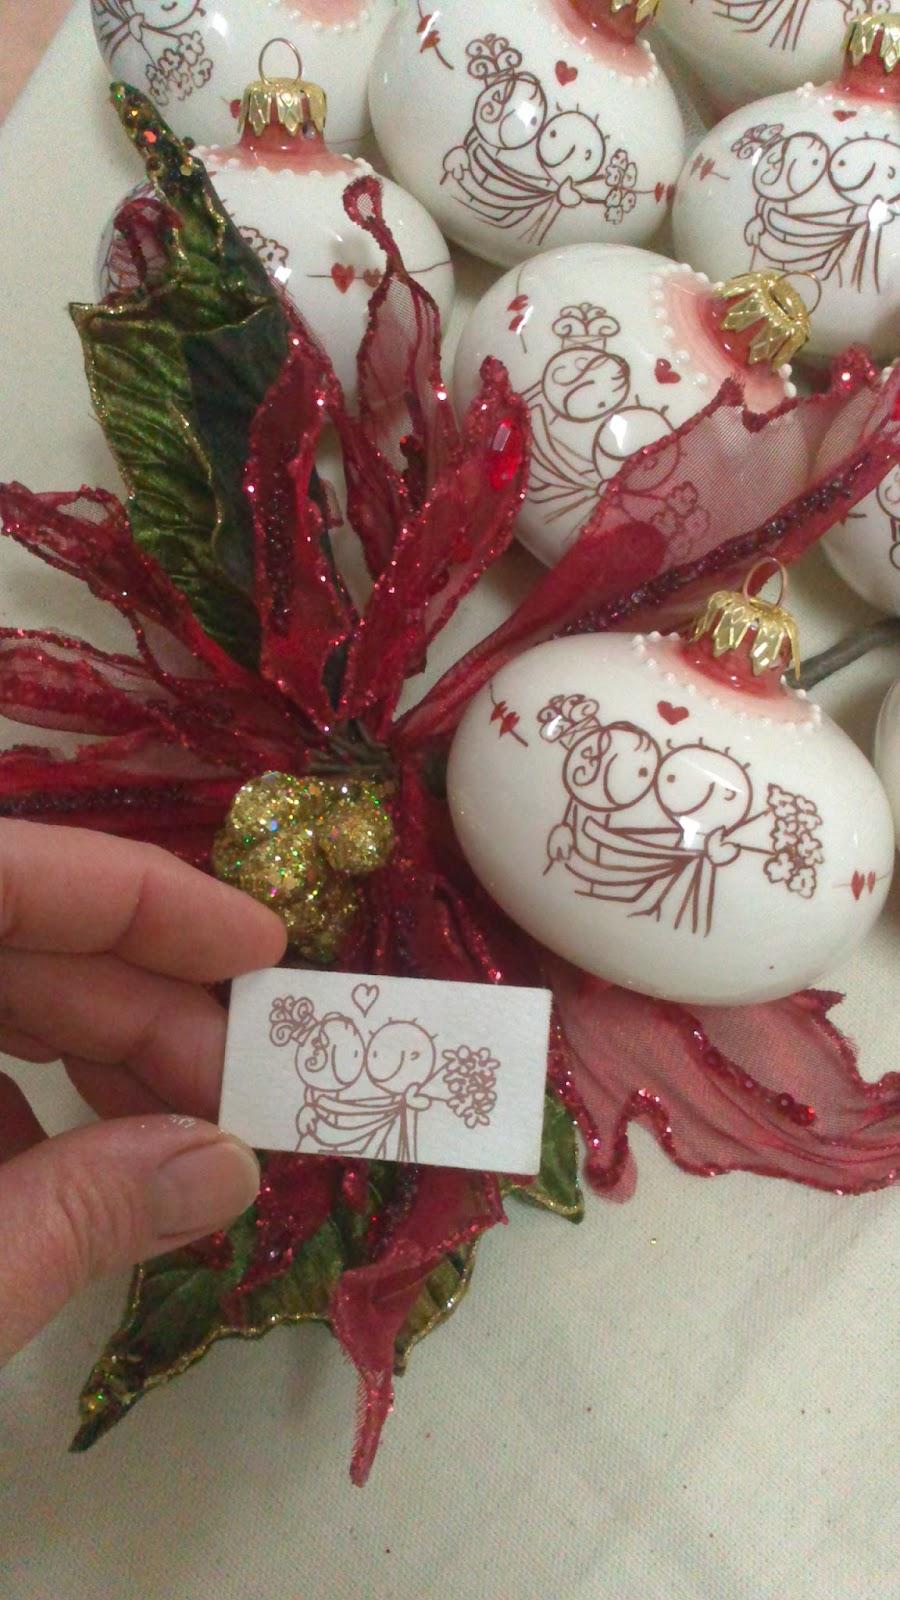 Matrimonio Di Natale : Ceramica come mestiere pallina di natale con sposi